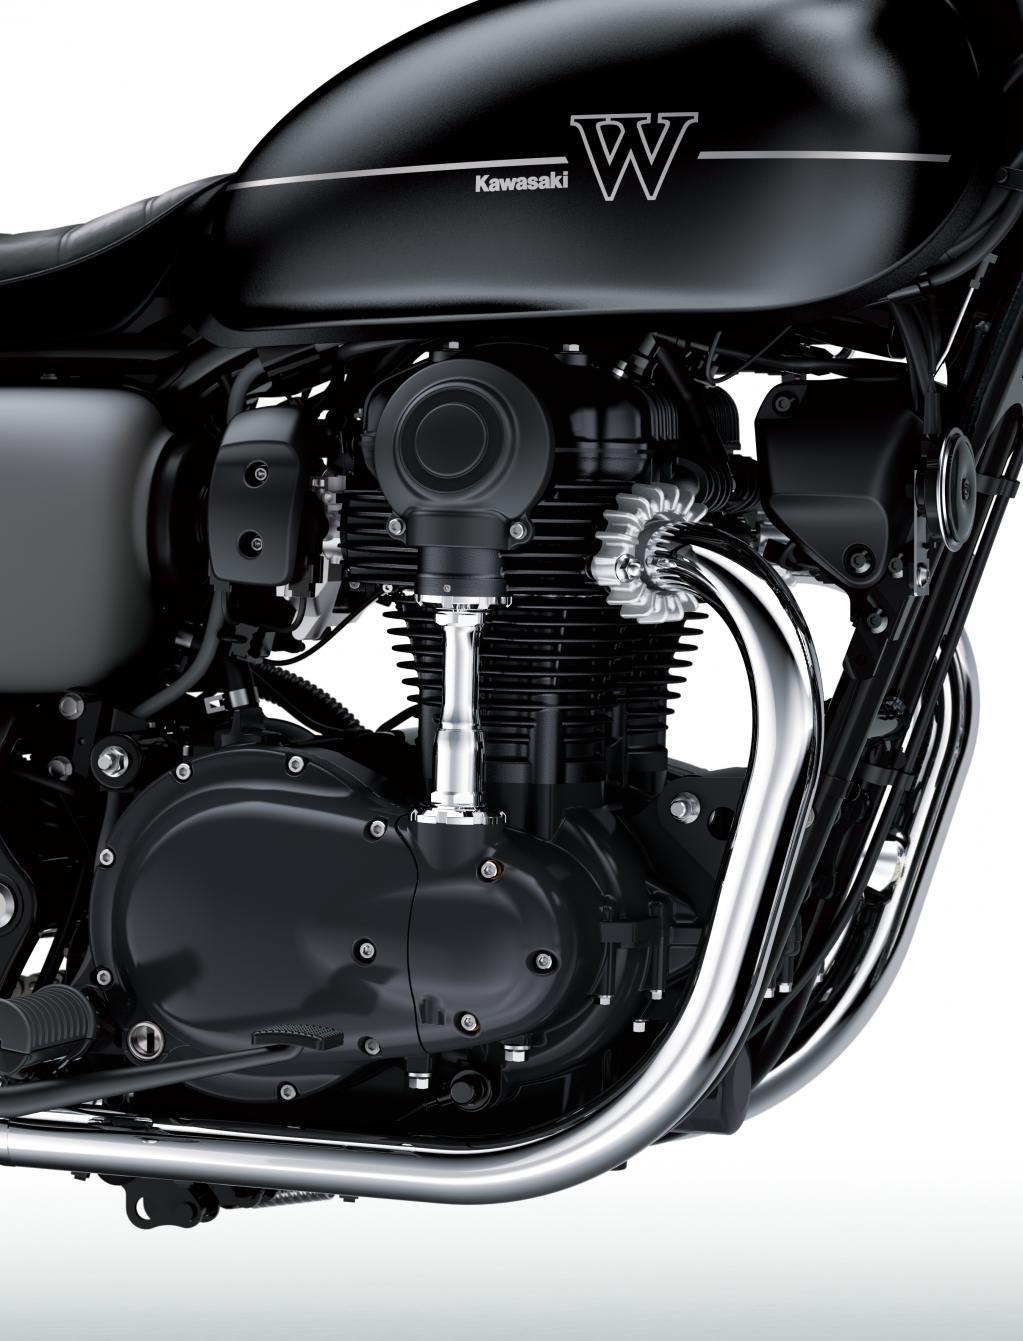 【993,600円】空冷バーチカルツインのW800が大復活! エンジン出力も向上したって?/新型 W800ストリート【カワサキ】